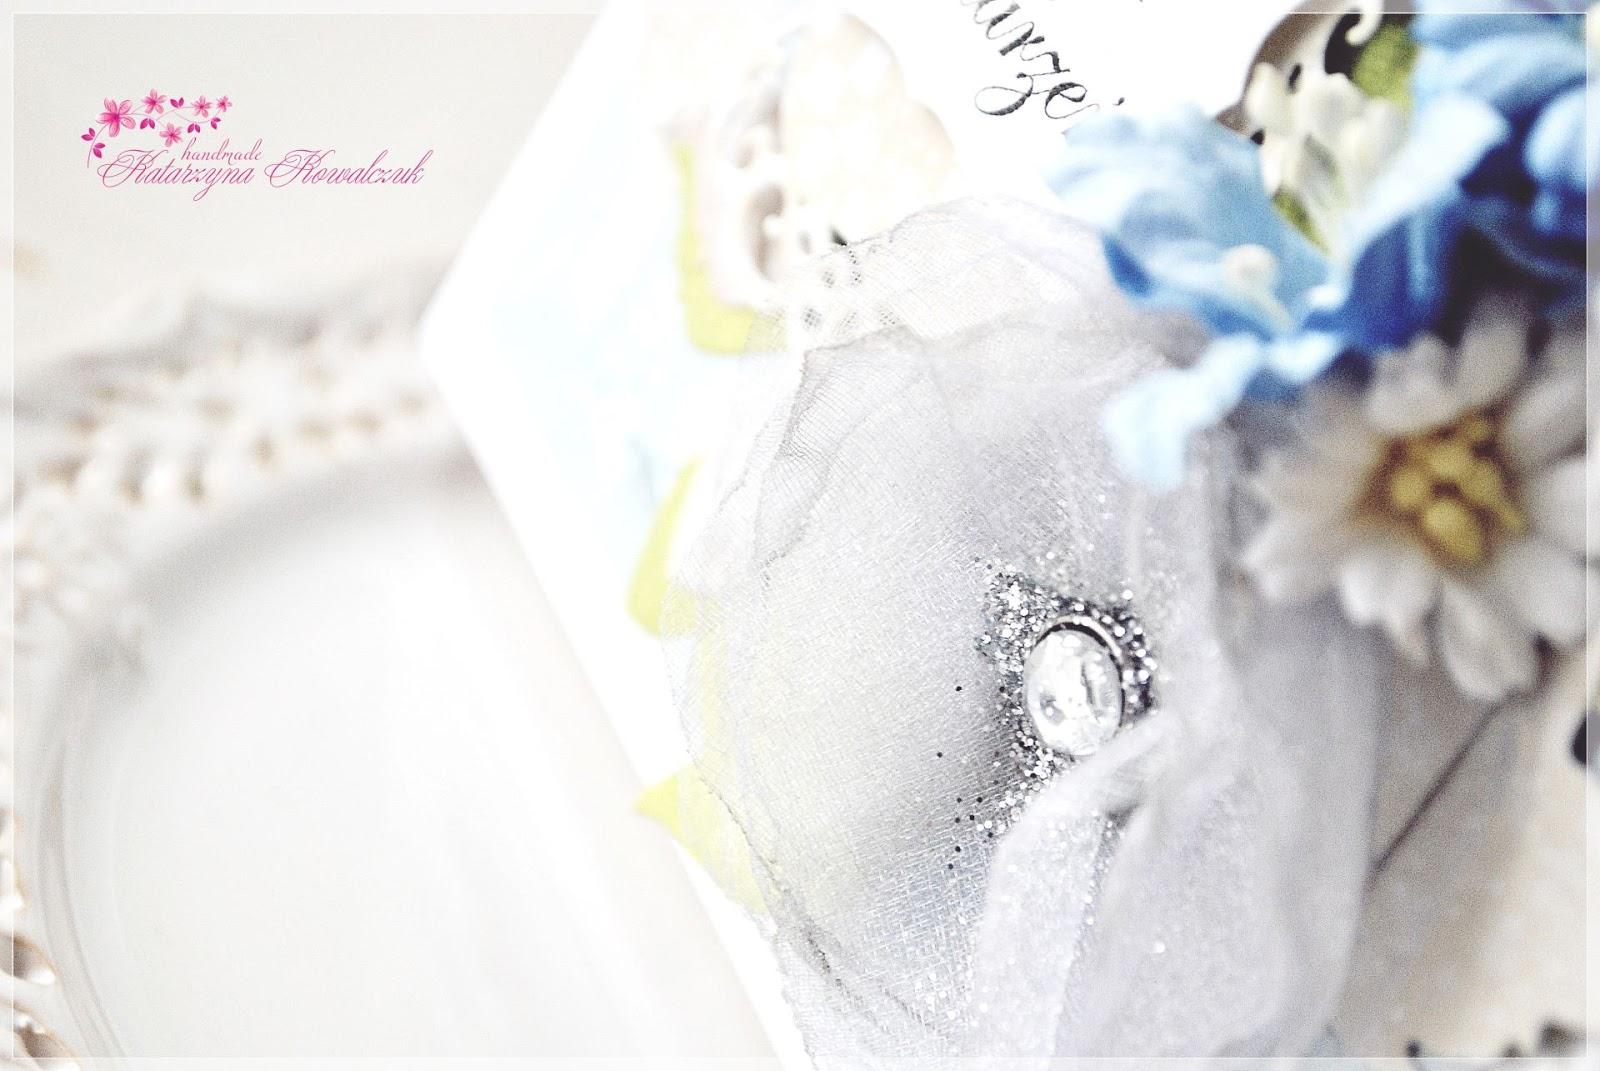 kartka urodzinowa, kwiatowa, kwiat z organzy, scrapbooking